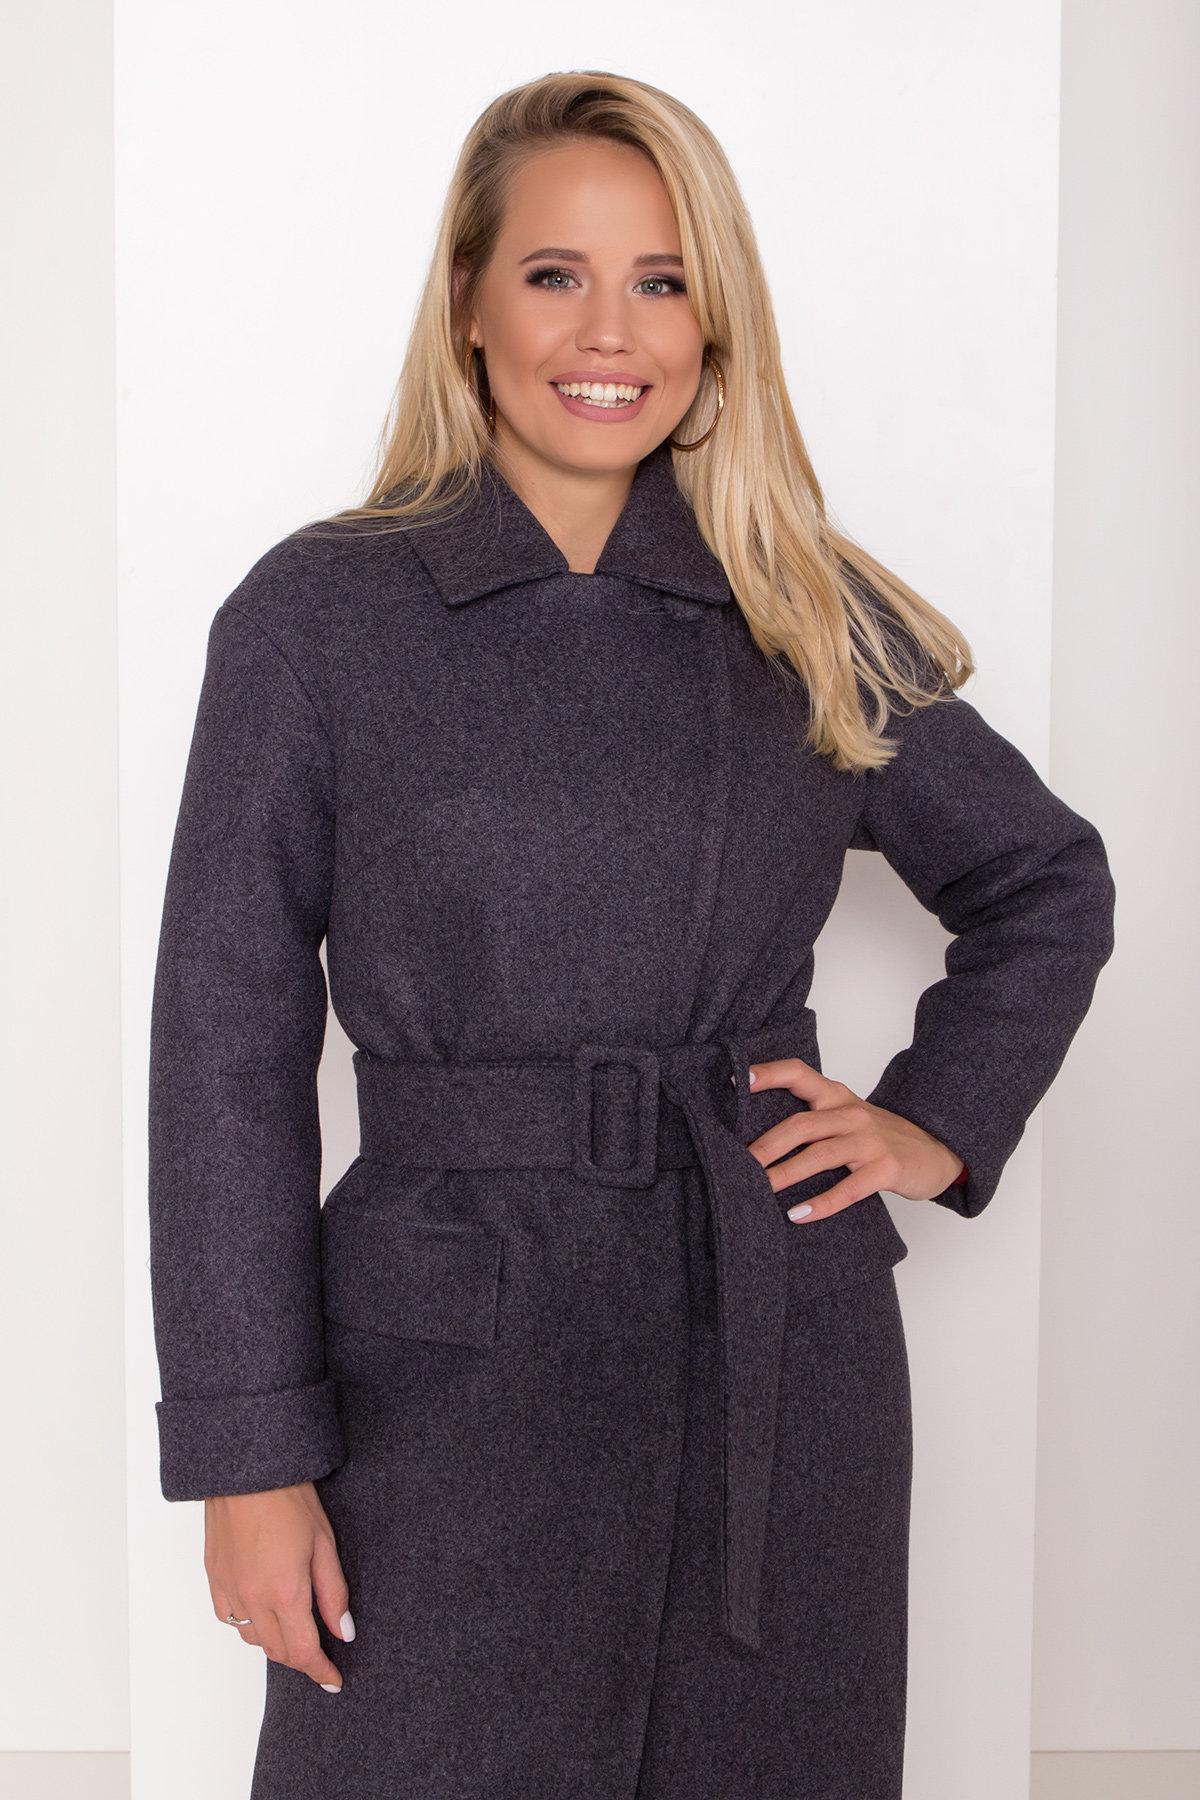 Зимнее пальто с отложным воротником Моле 8085 АРТ. 44036 Цвет: Т.синий 543 - фото 11, интернет магазин tm-modus.ru